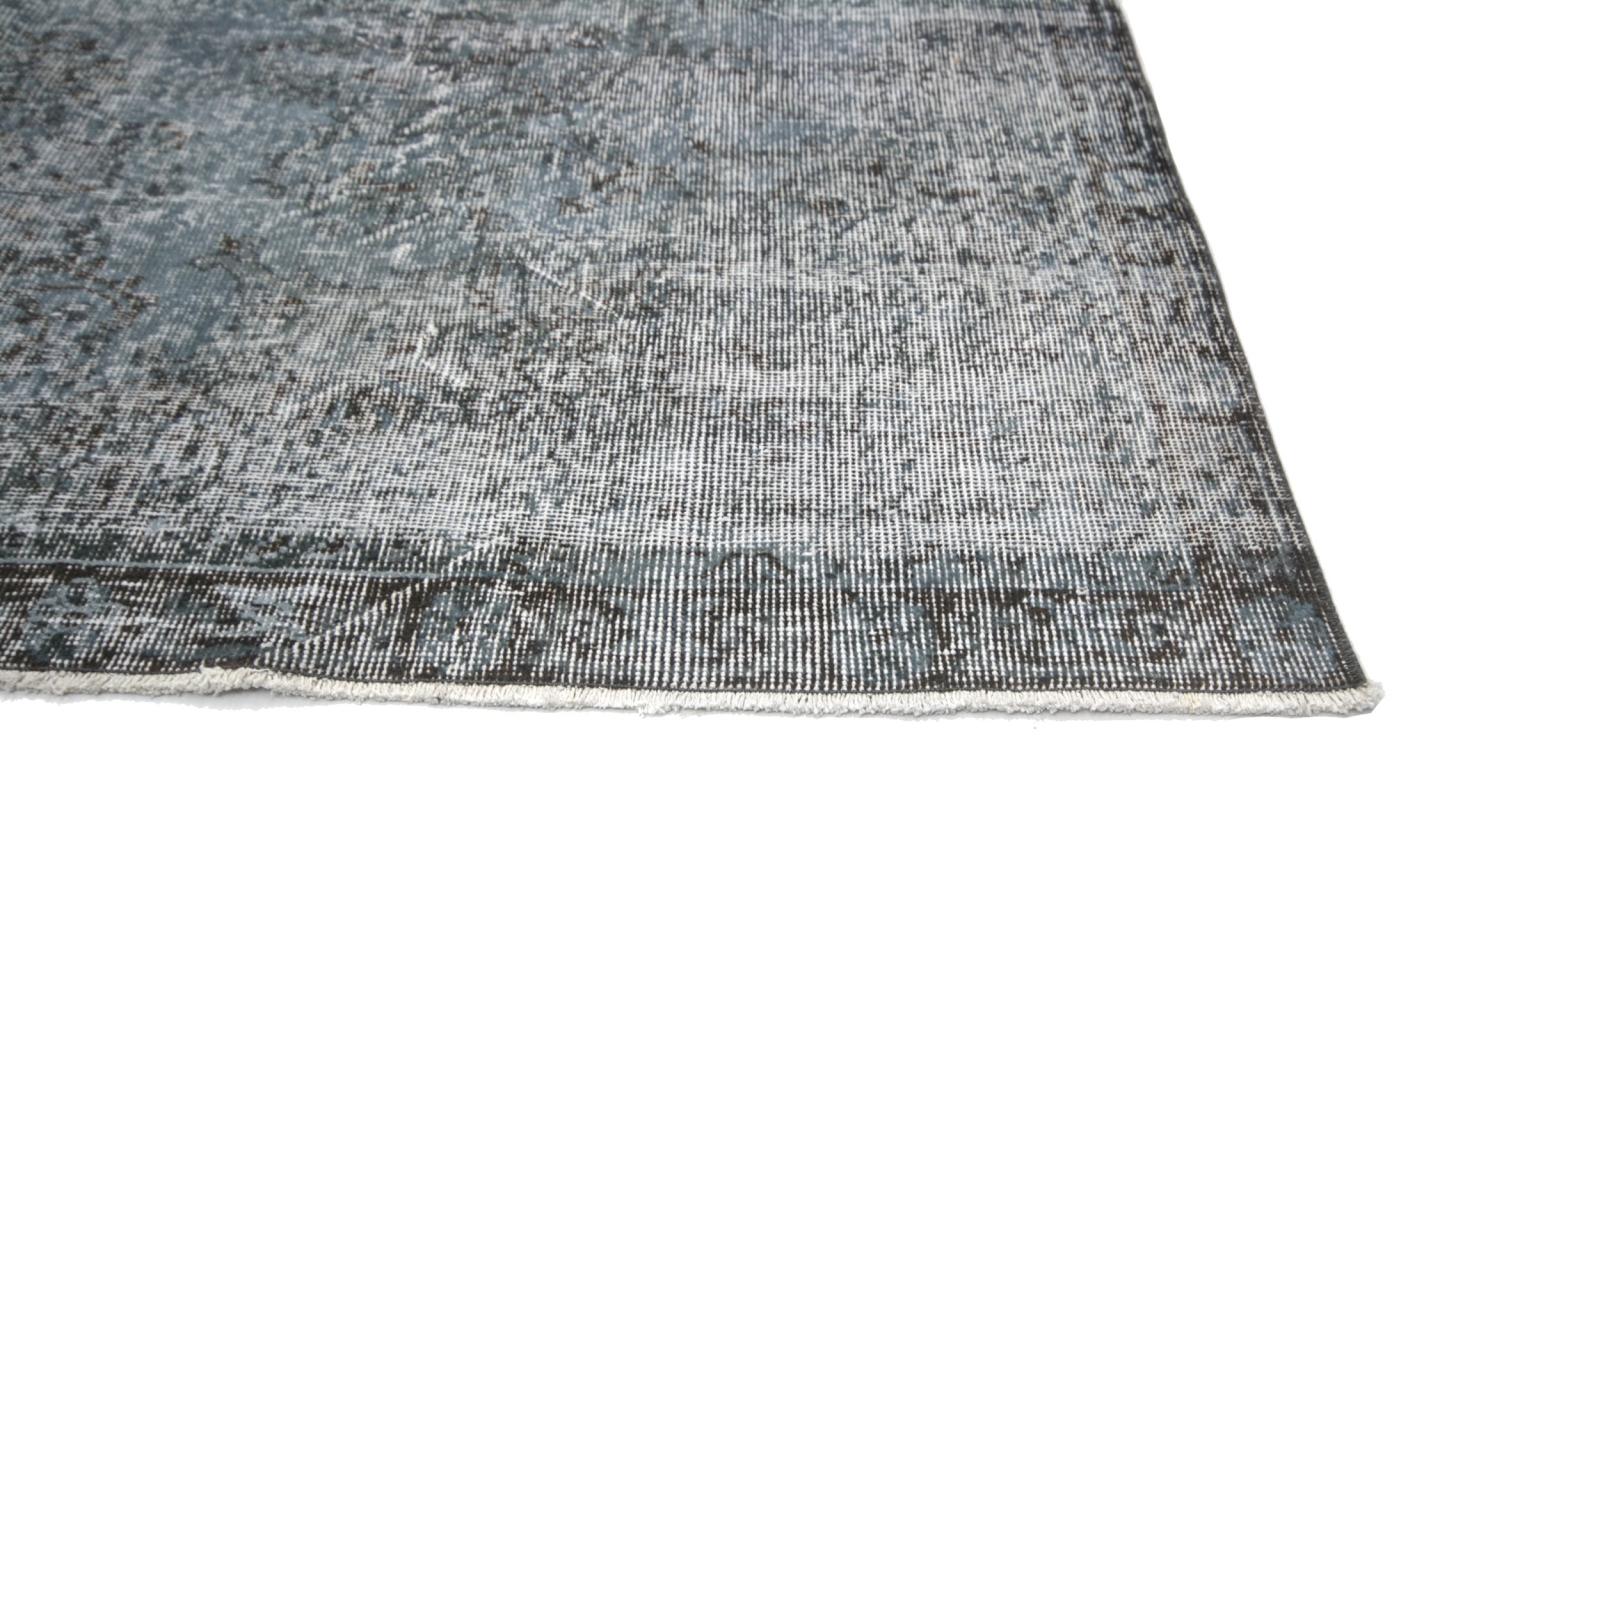 vintage teppich grau vintage teppich bettwasche 2017. Black Bedroom Furniture Sets. Home Design Ideas